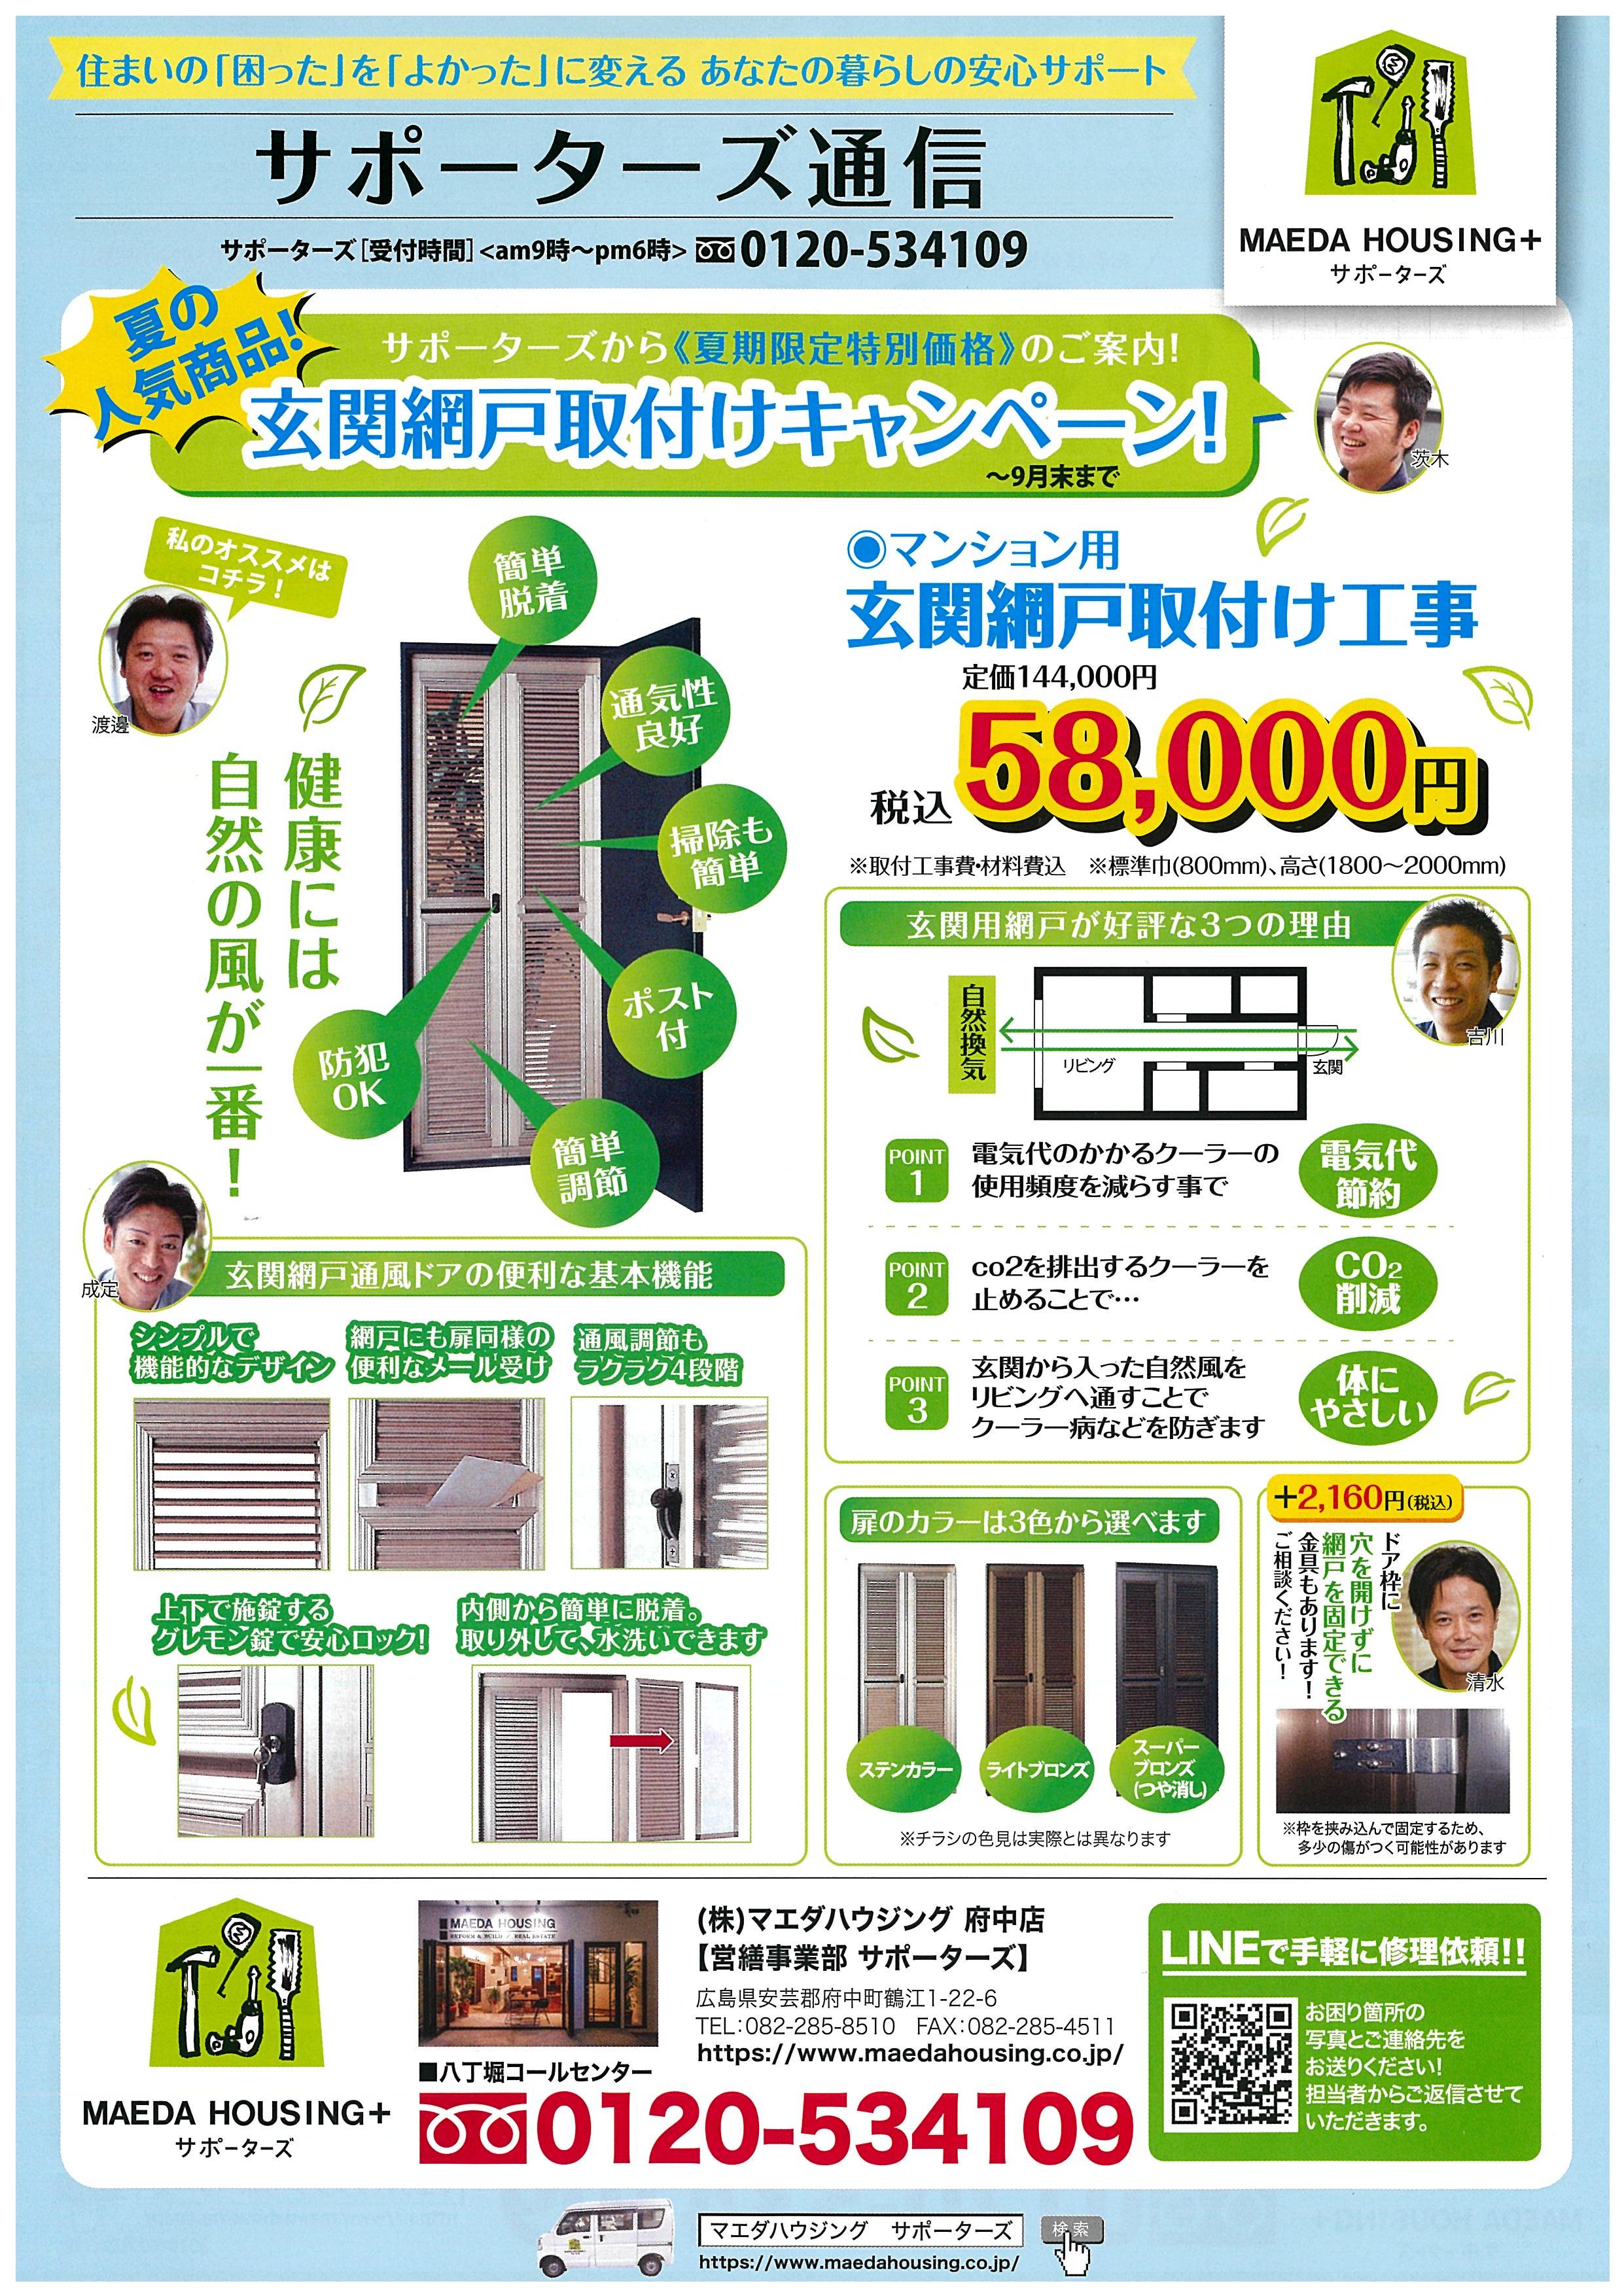 網戸キャンペーン.jpg